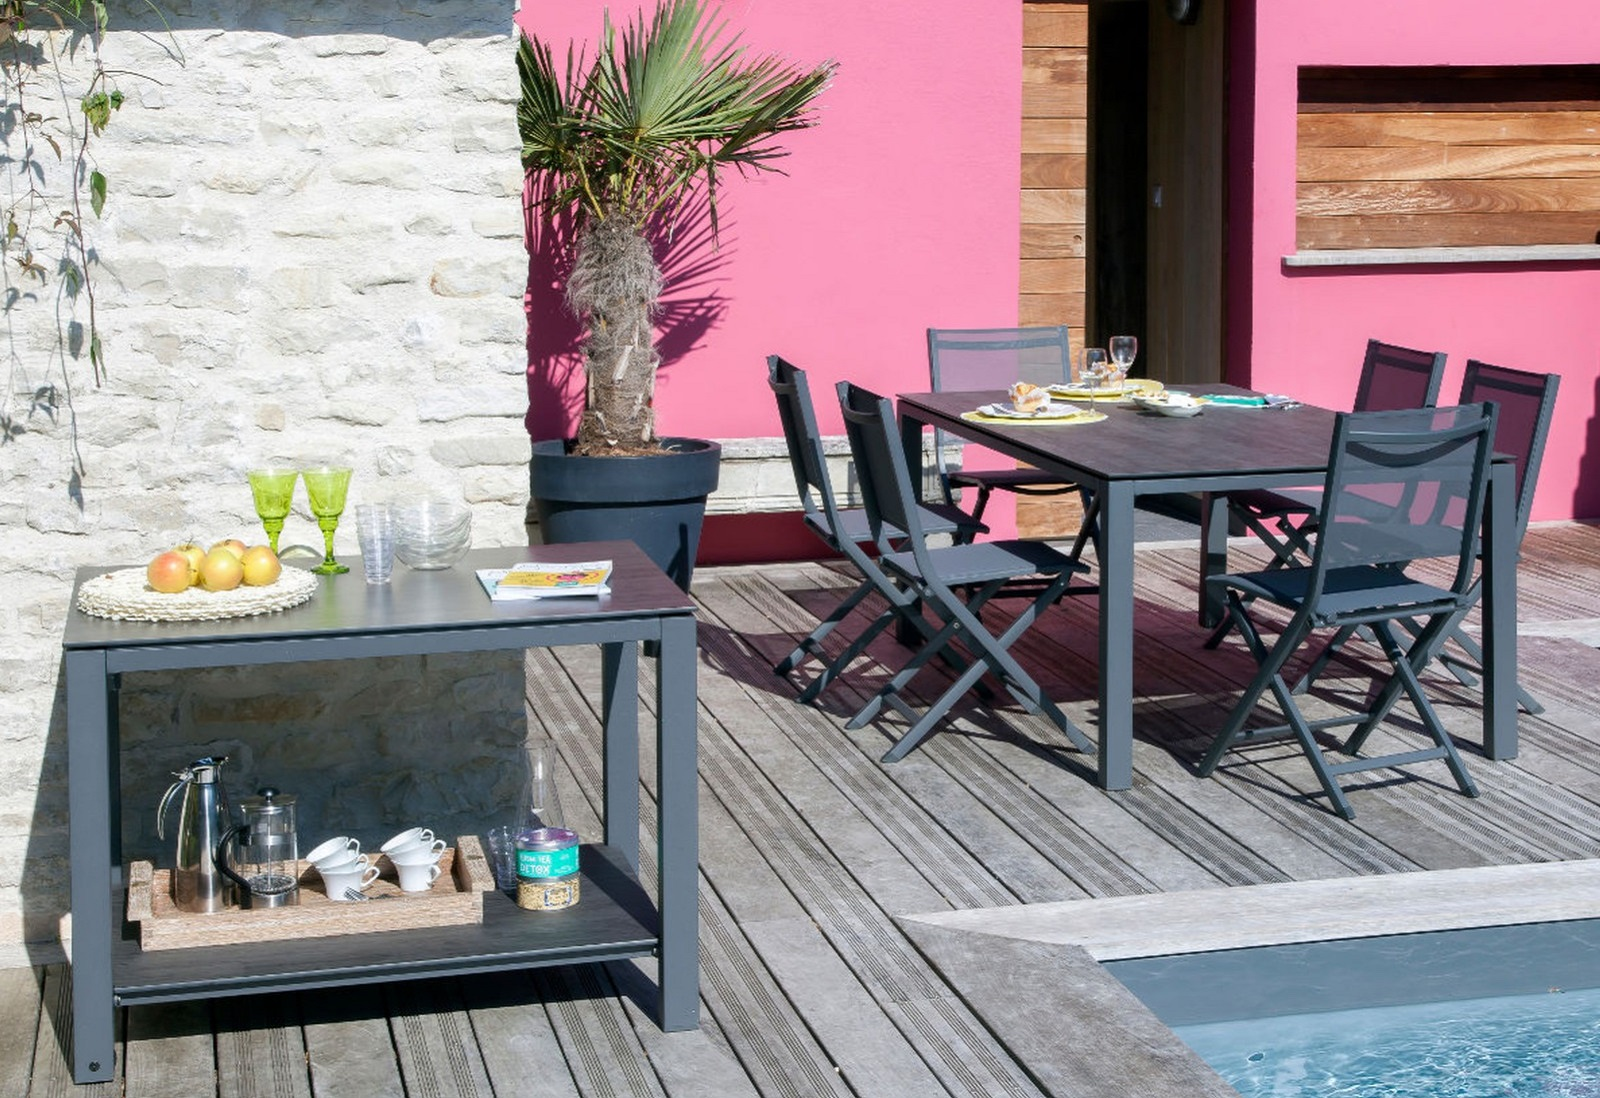 Mobilier de jardin en ligne - Meubles de jardin design - Proloisirs